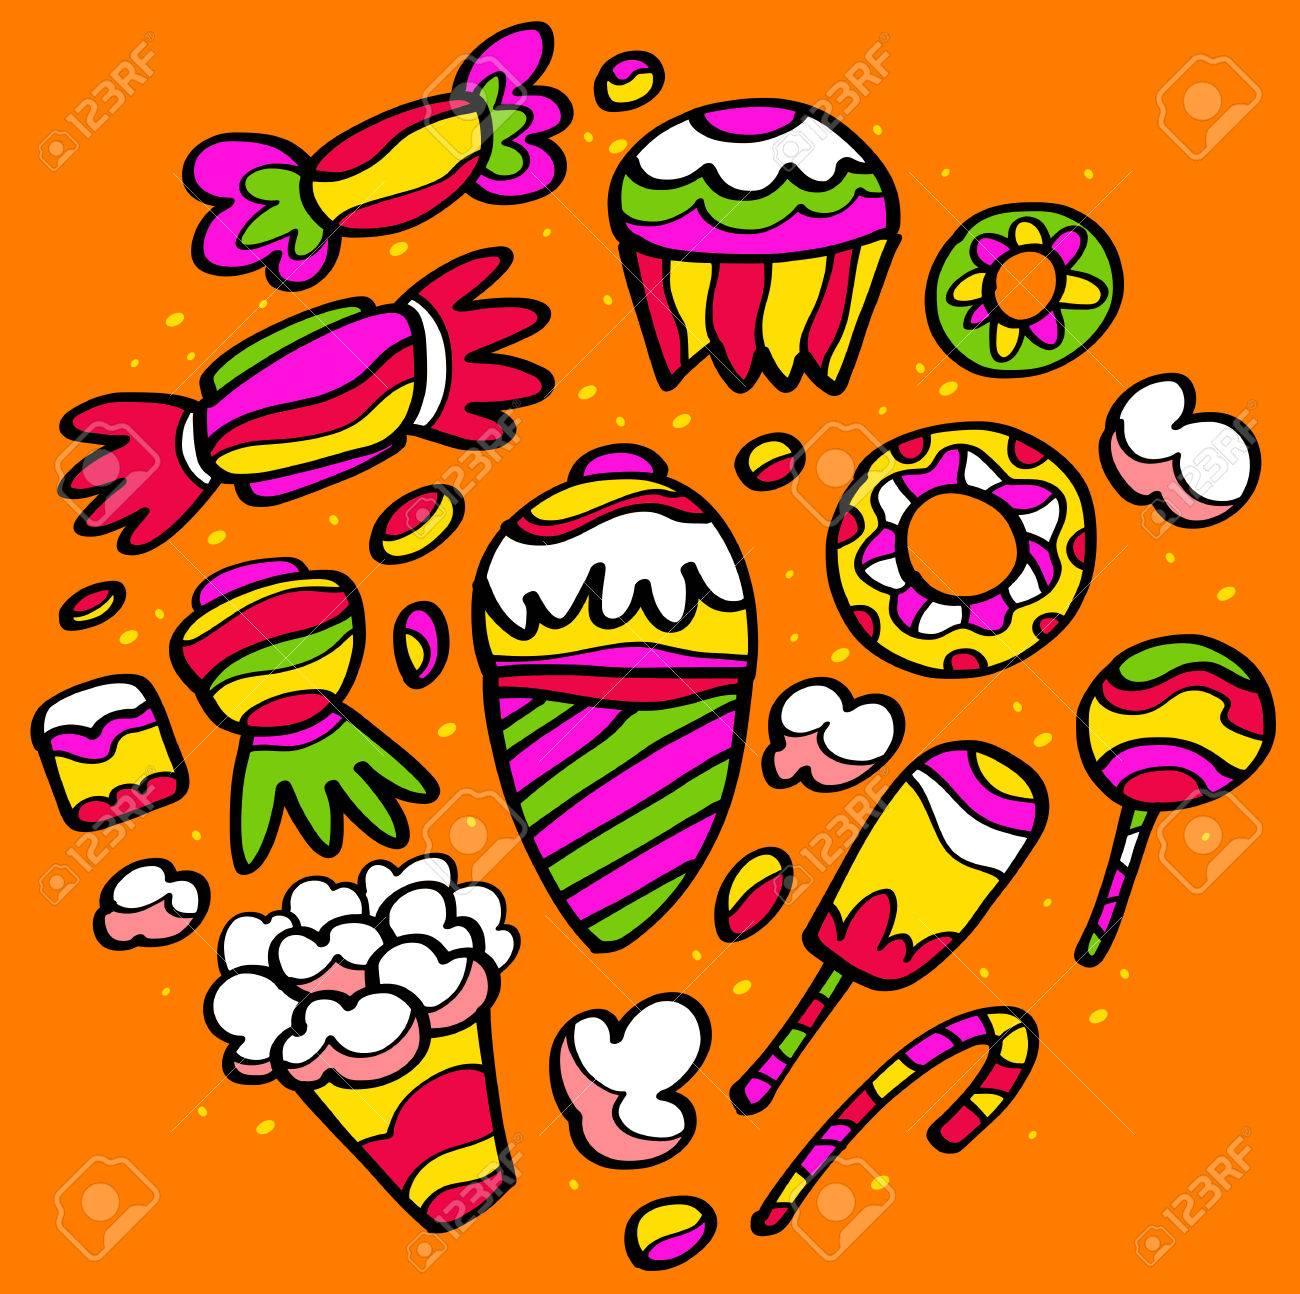 Disegni Colorati Di Dolci Gelati E Torte Tutto Ciò Che A Un Bambino Piace Mangiare